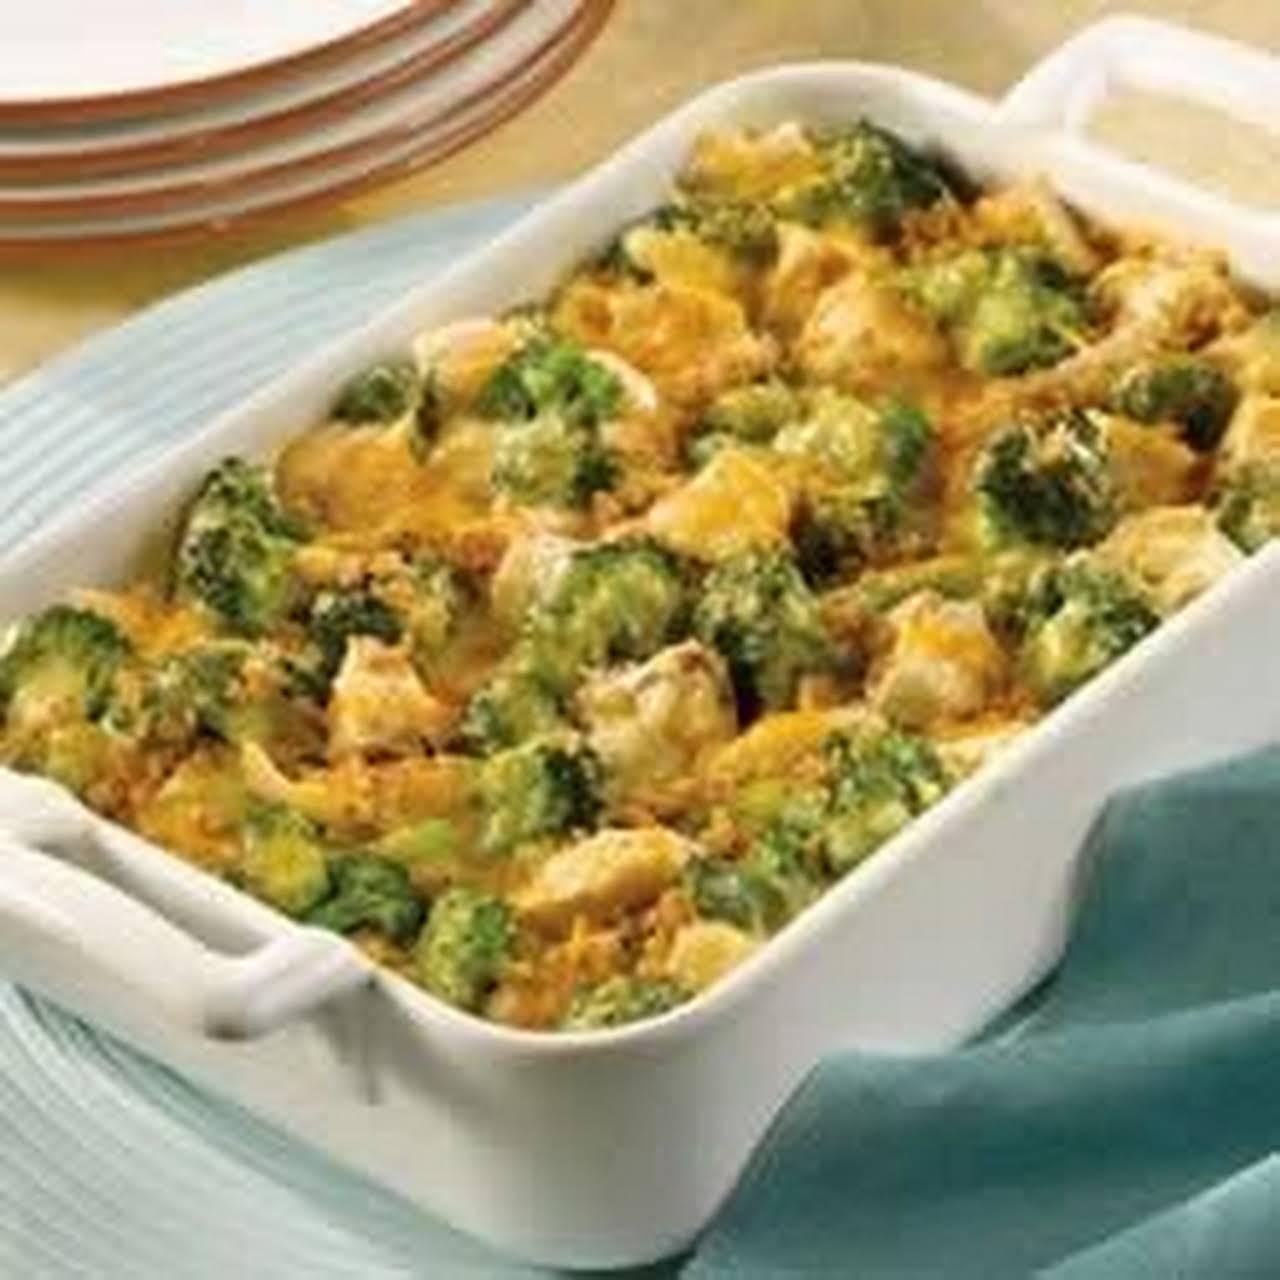 Campbells Kitchen Chicken Broccoli Divan